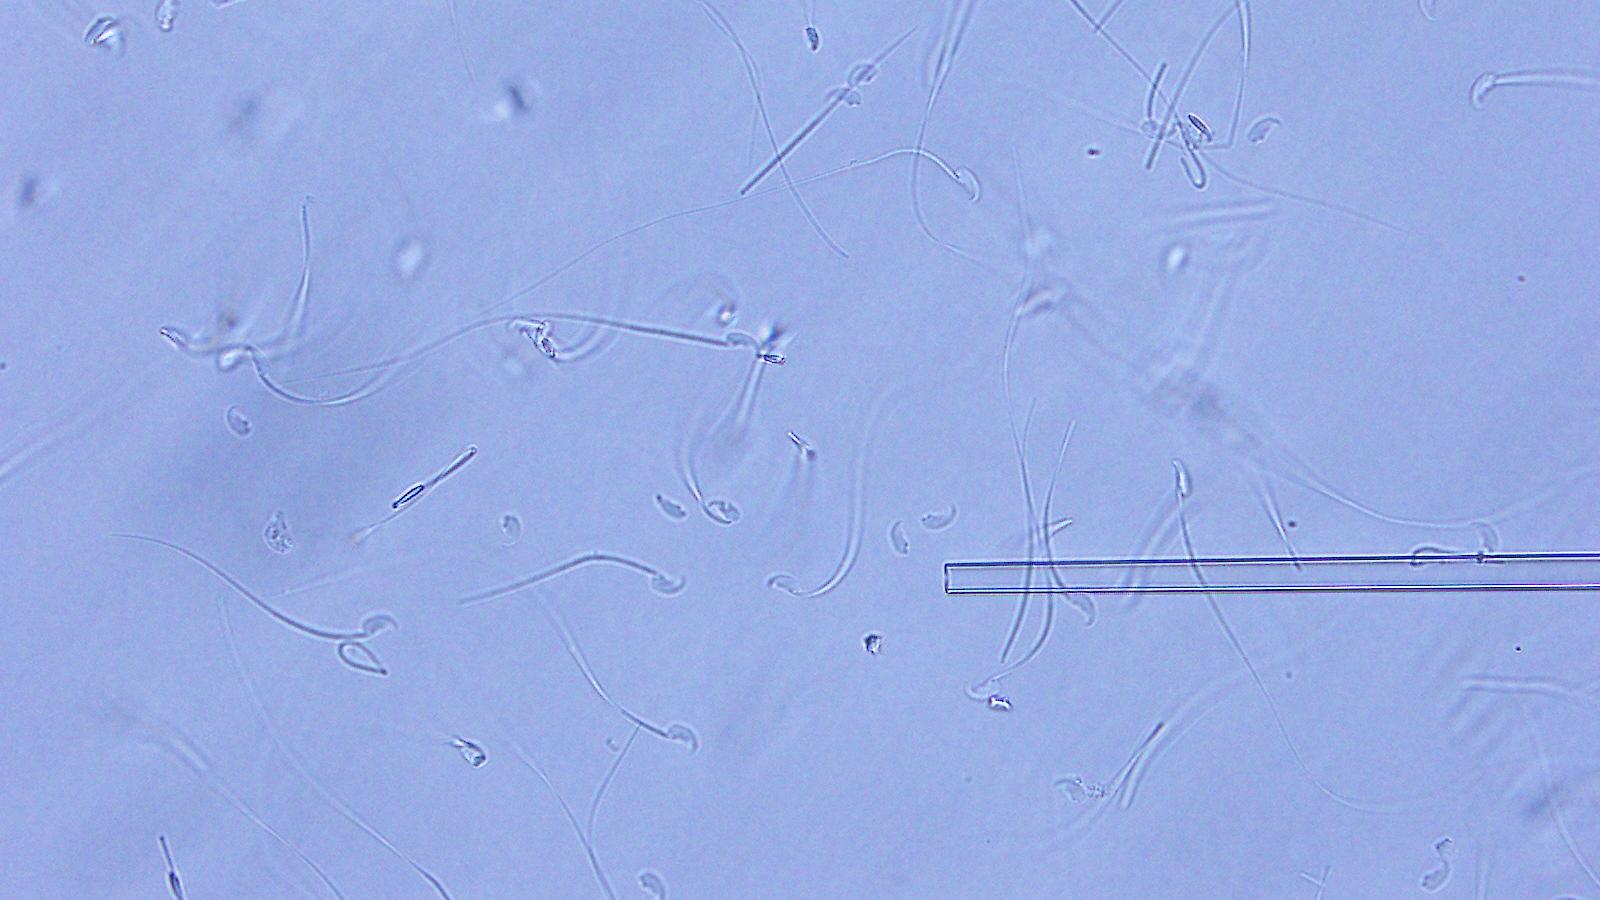 Les ampoules ont été renvoyées de l'ISS vers la Terre, puis les spermatozoïdes lyophilisés ont été réhydratés par l'eau.  Vous pouvez utiliser ces spermatozoïdes pour la fécondation in vitro immédiatement, pas besoin d'attendre 3 minutes.